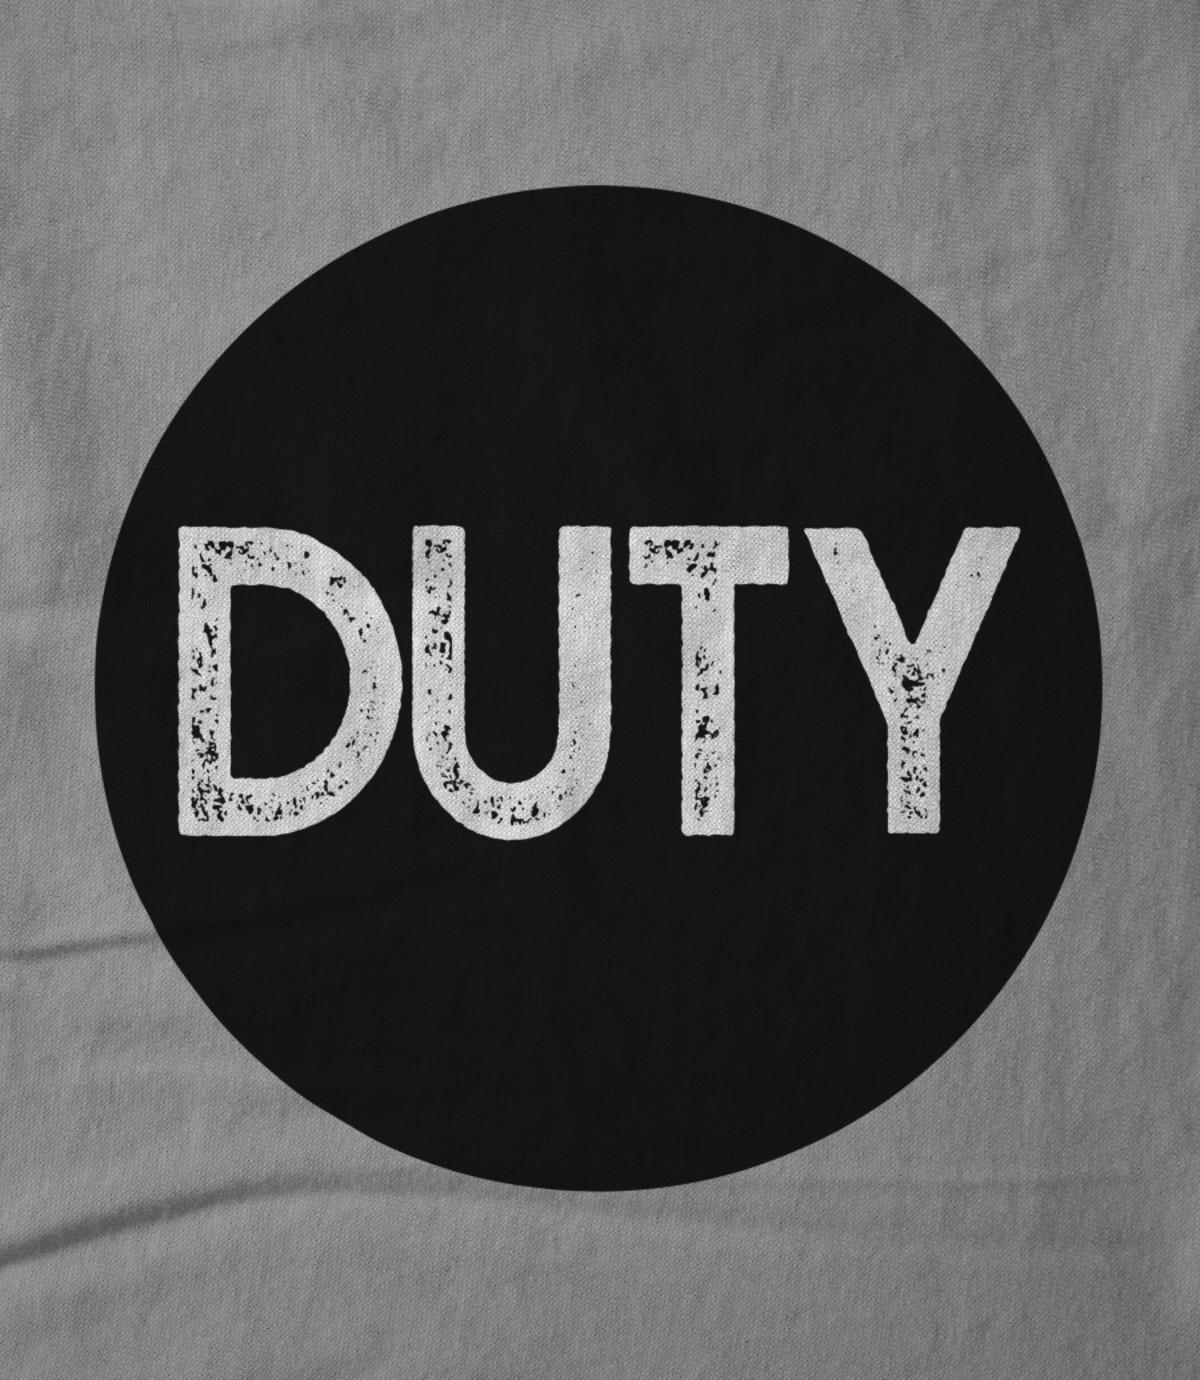 Duty duty circle logo grey 1542364234